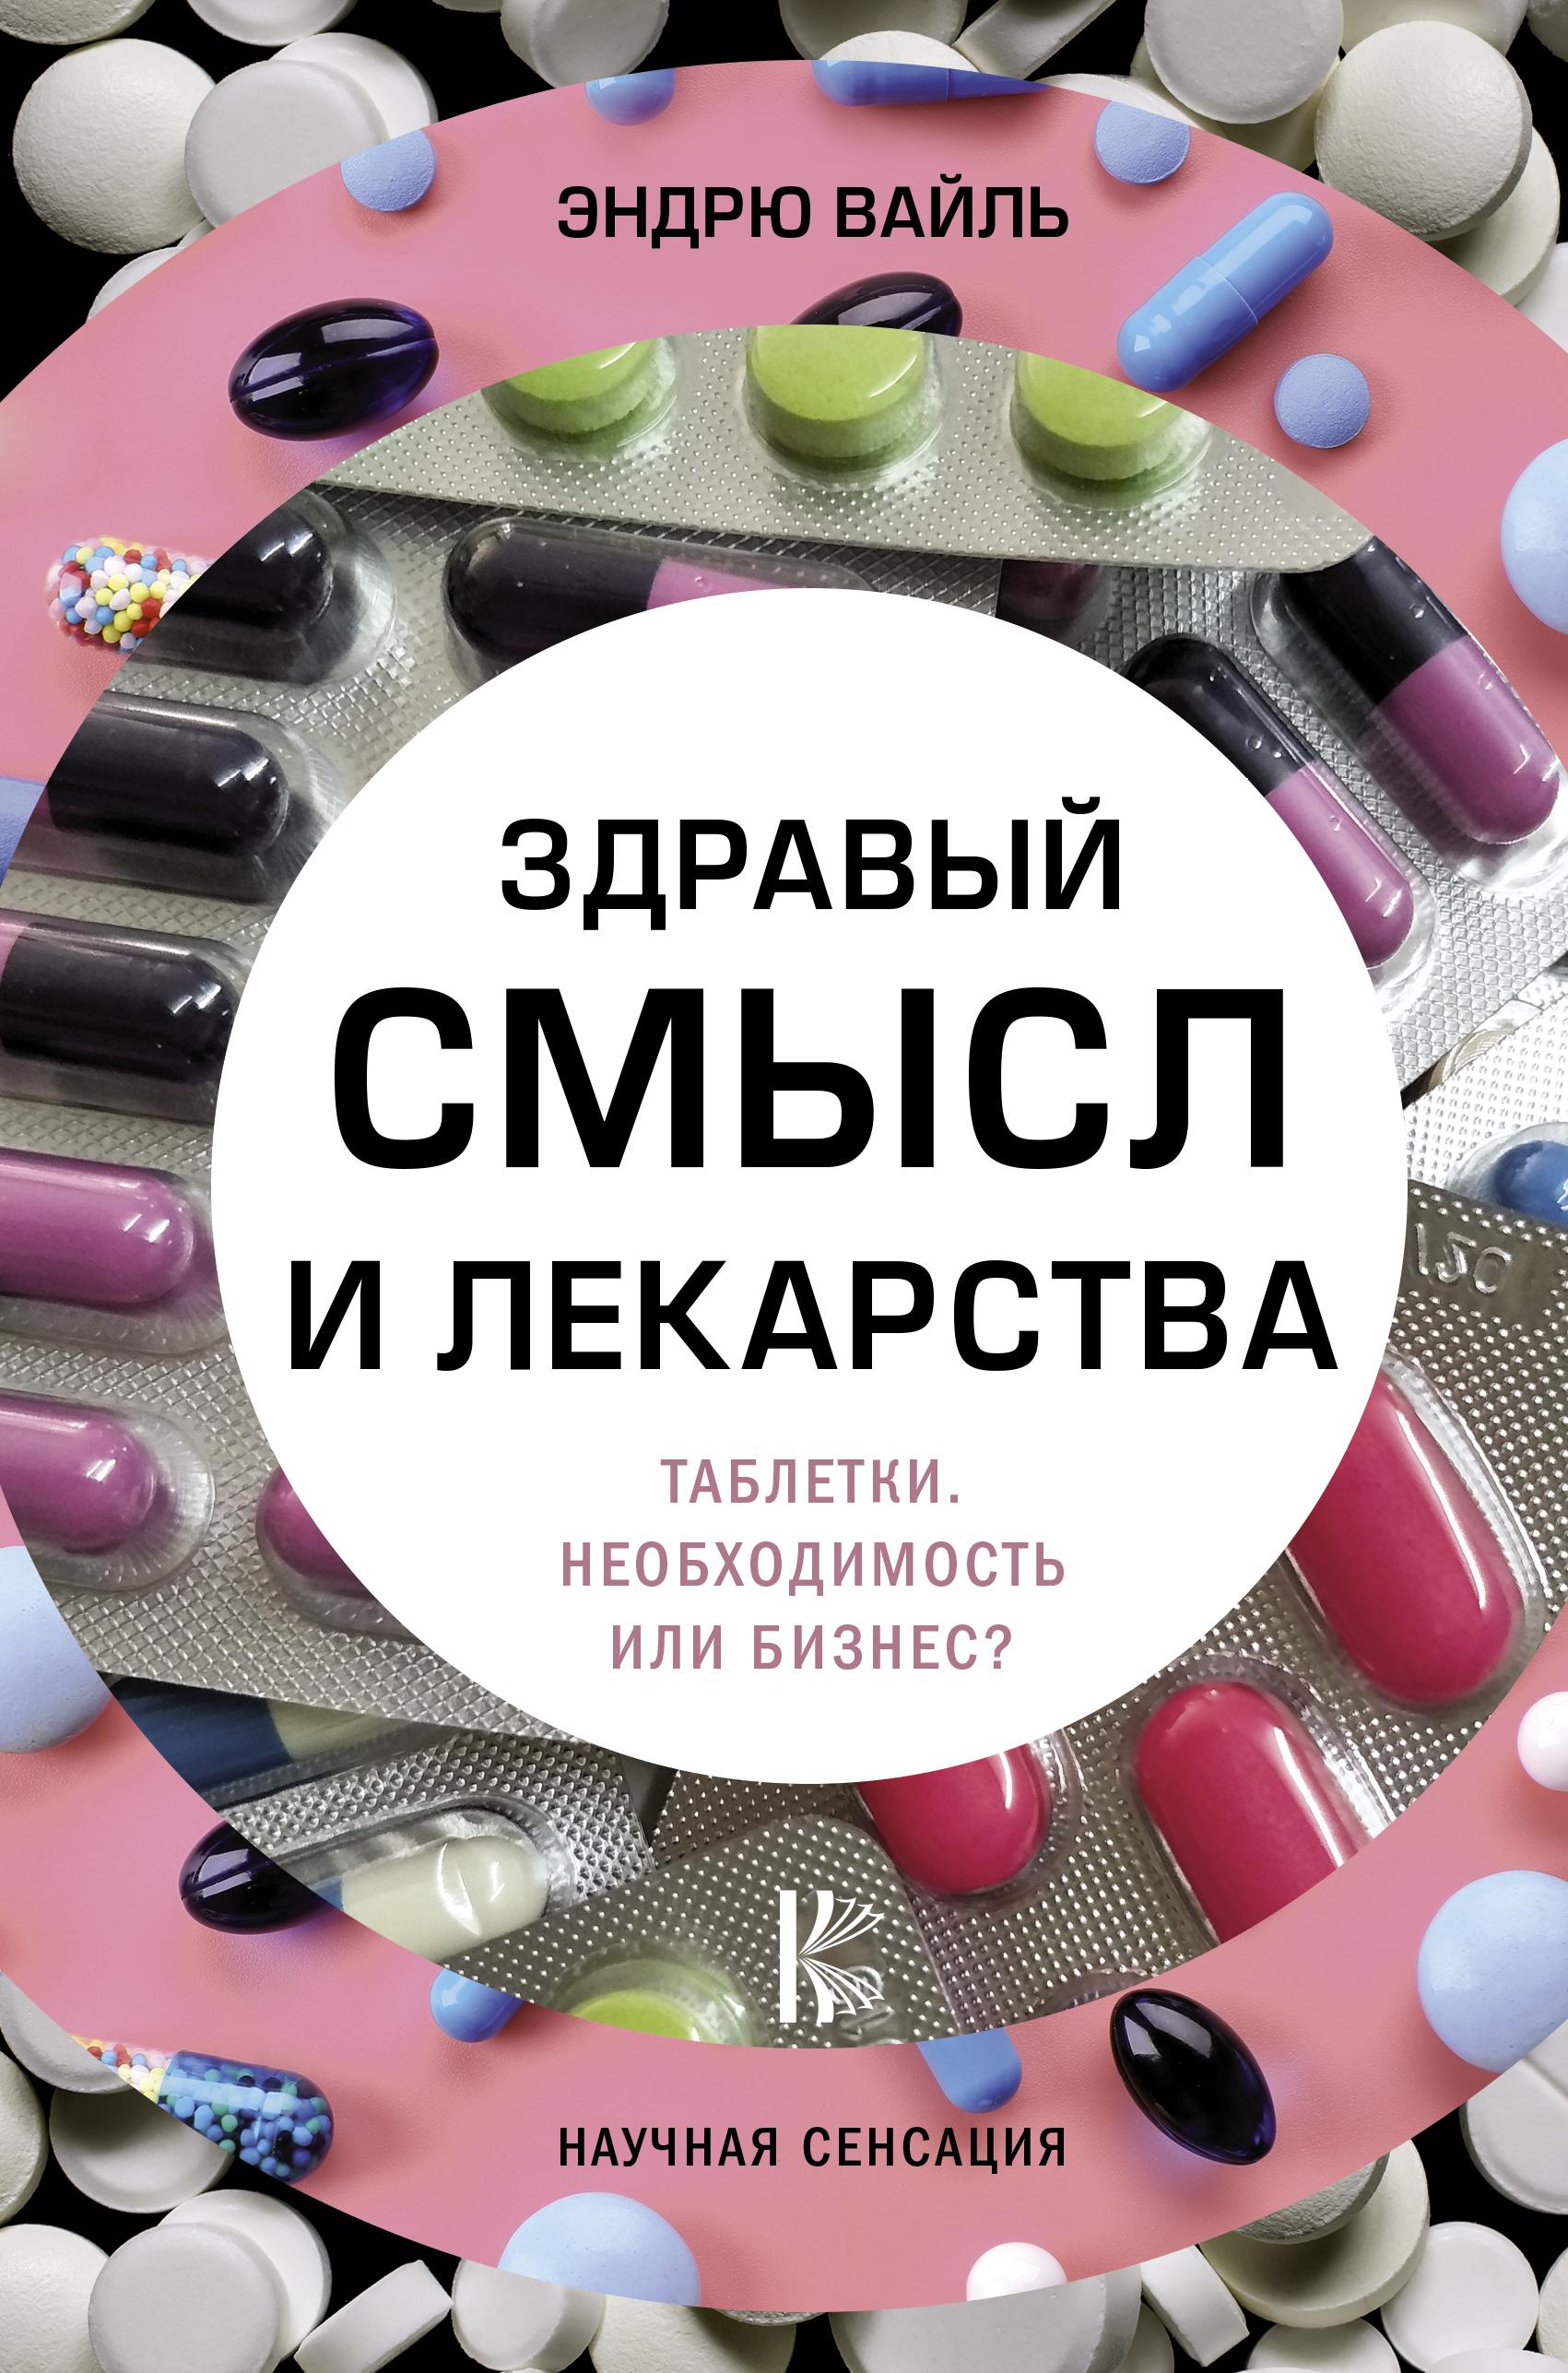 Эндрю Вайль, Александр Анваер «Здравый смысл и лекарства. Таблетки. Необходимость или бизнес?»